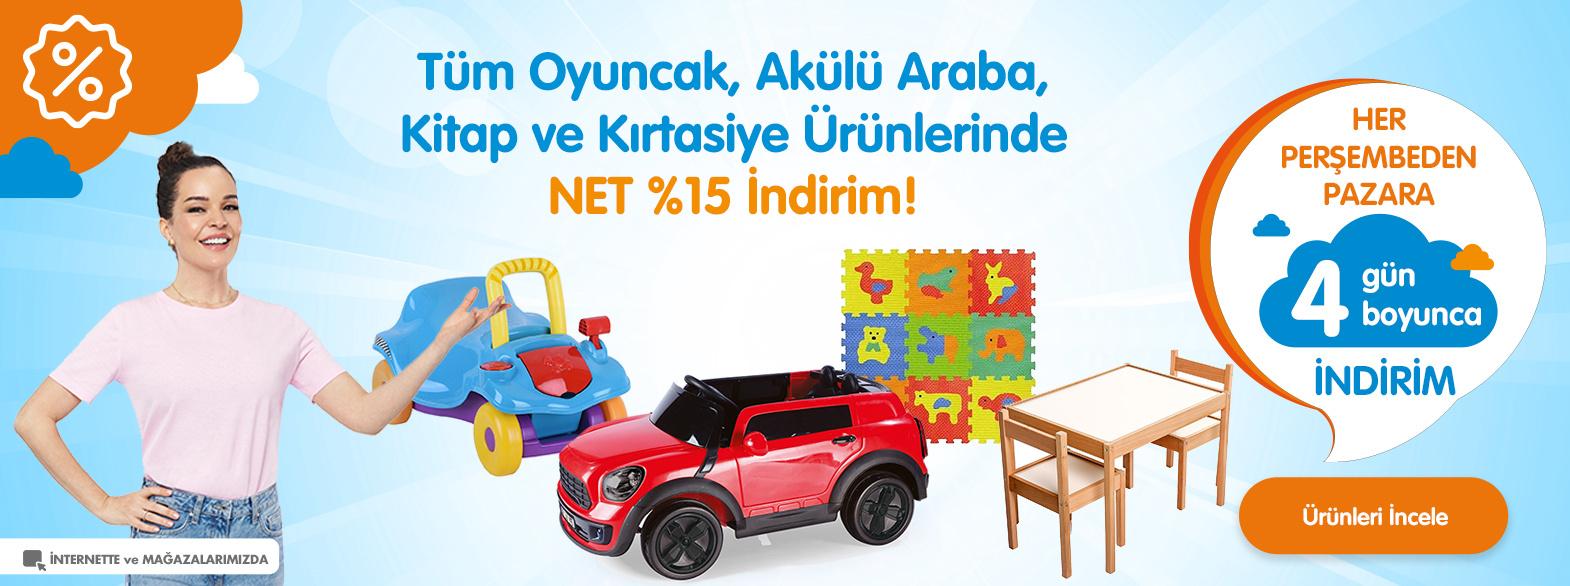 15092021-oyuncak1.jpg